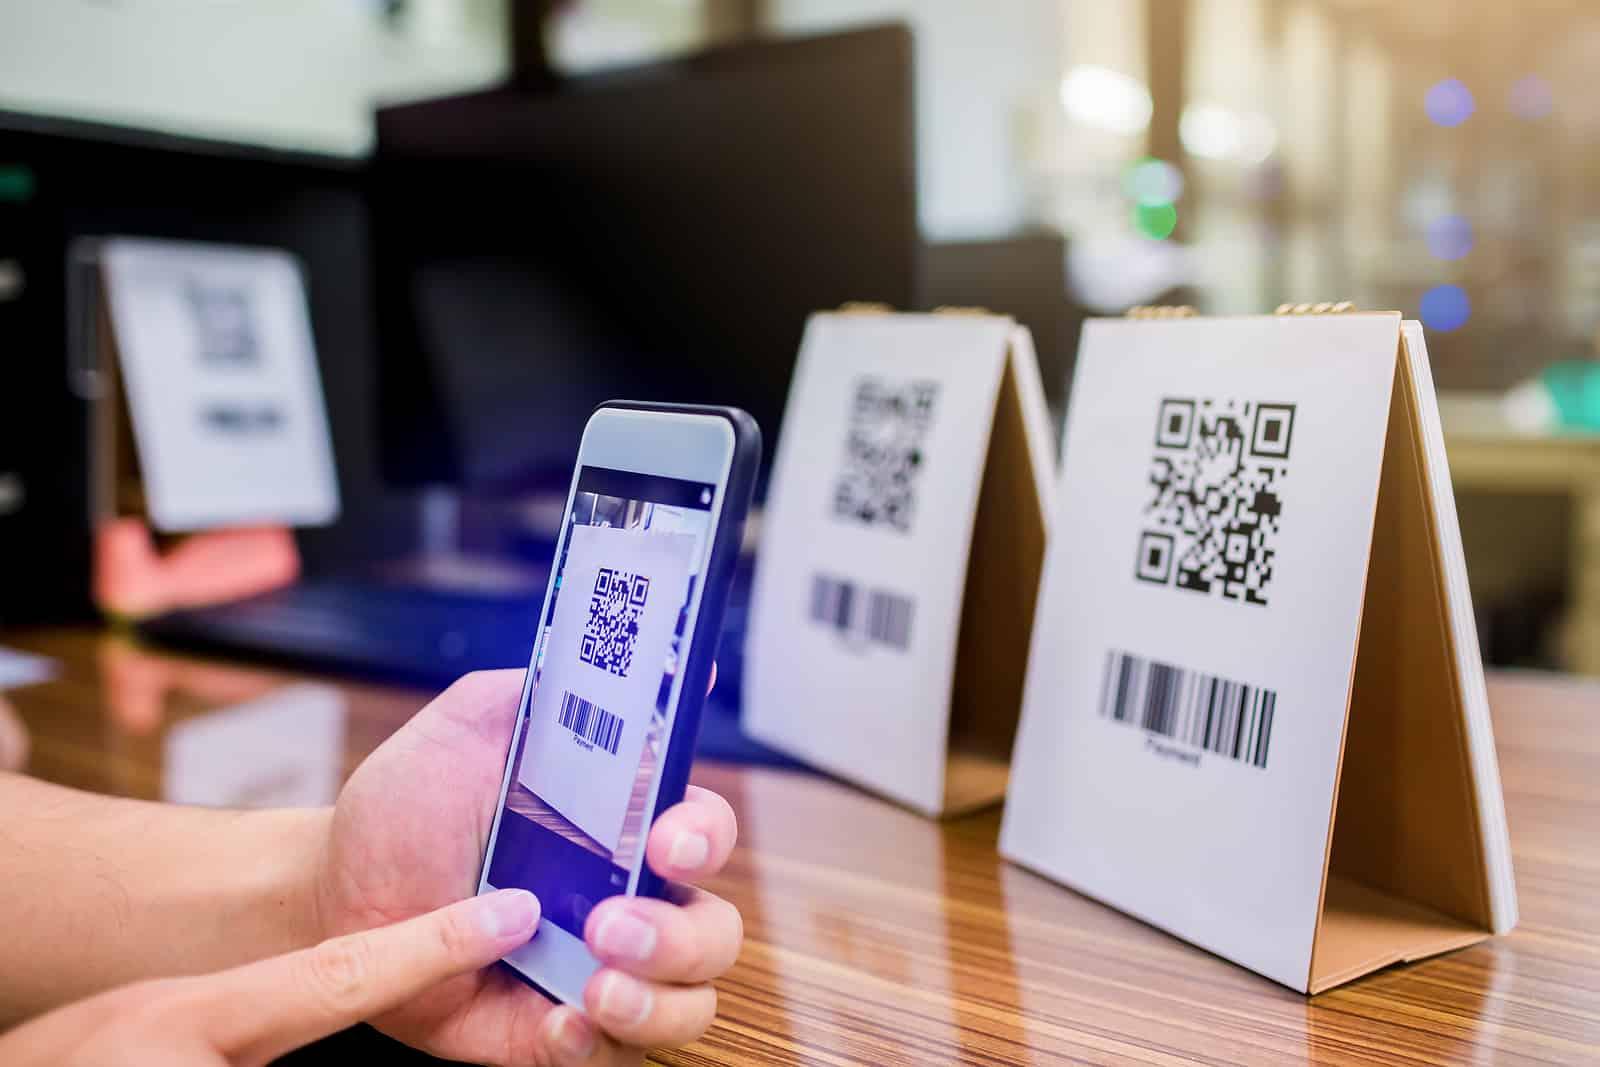 Golpistas usam Pix para roubar dados pessoais; veja como se proteger